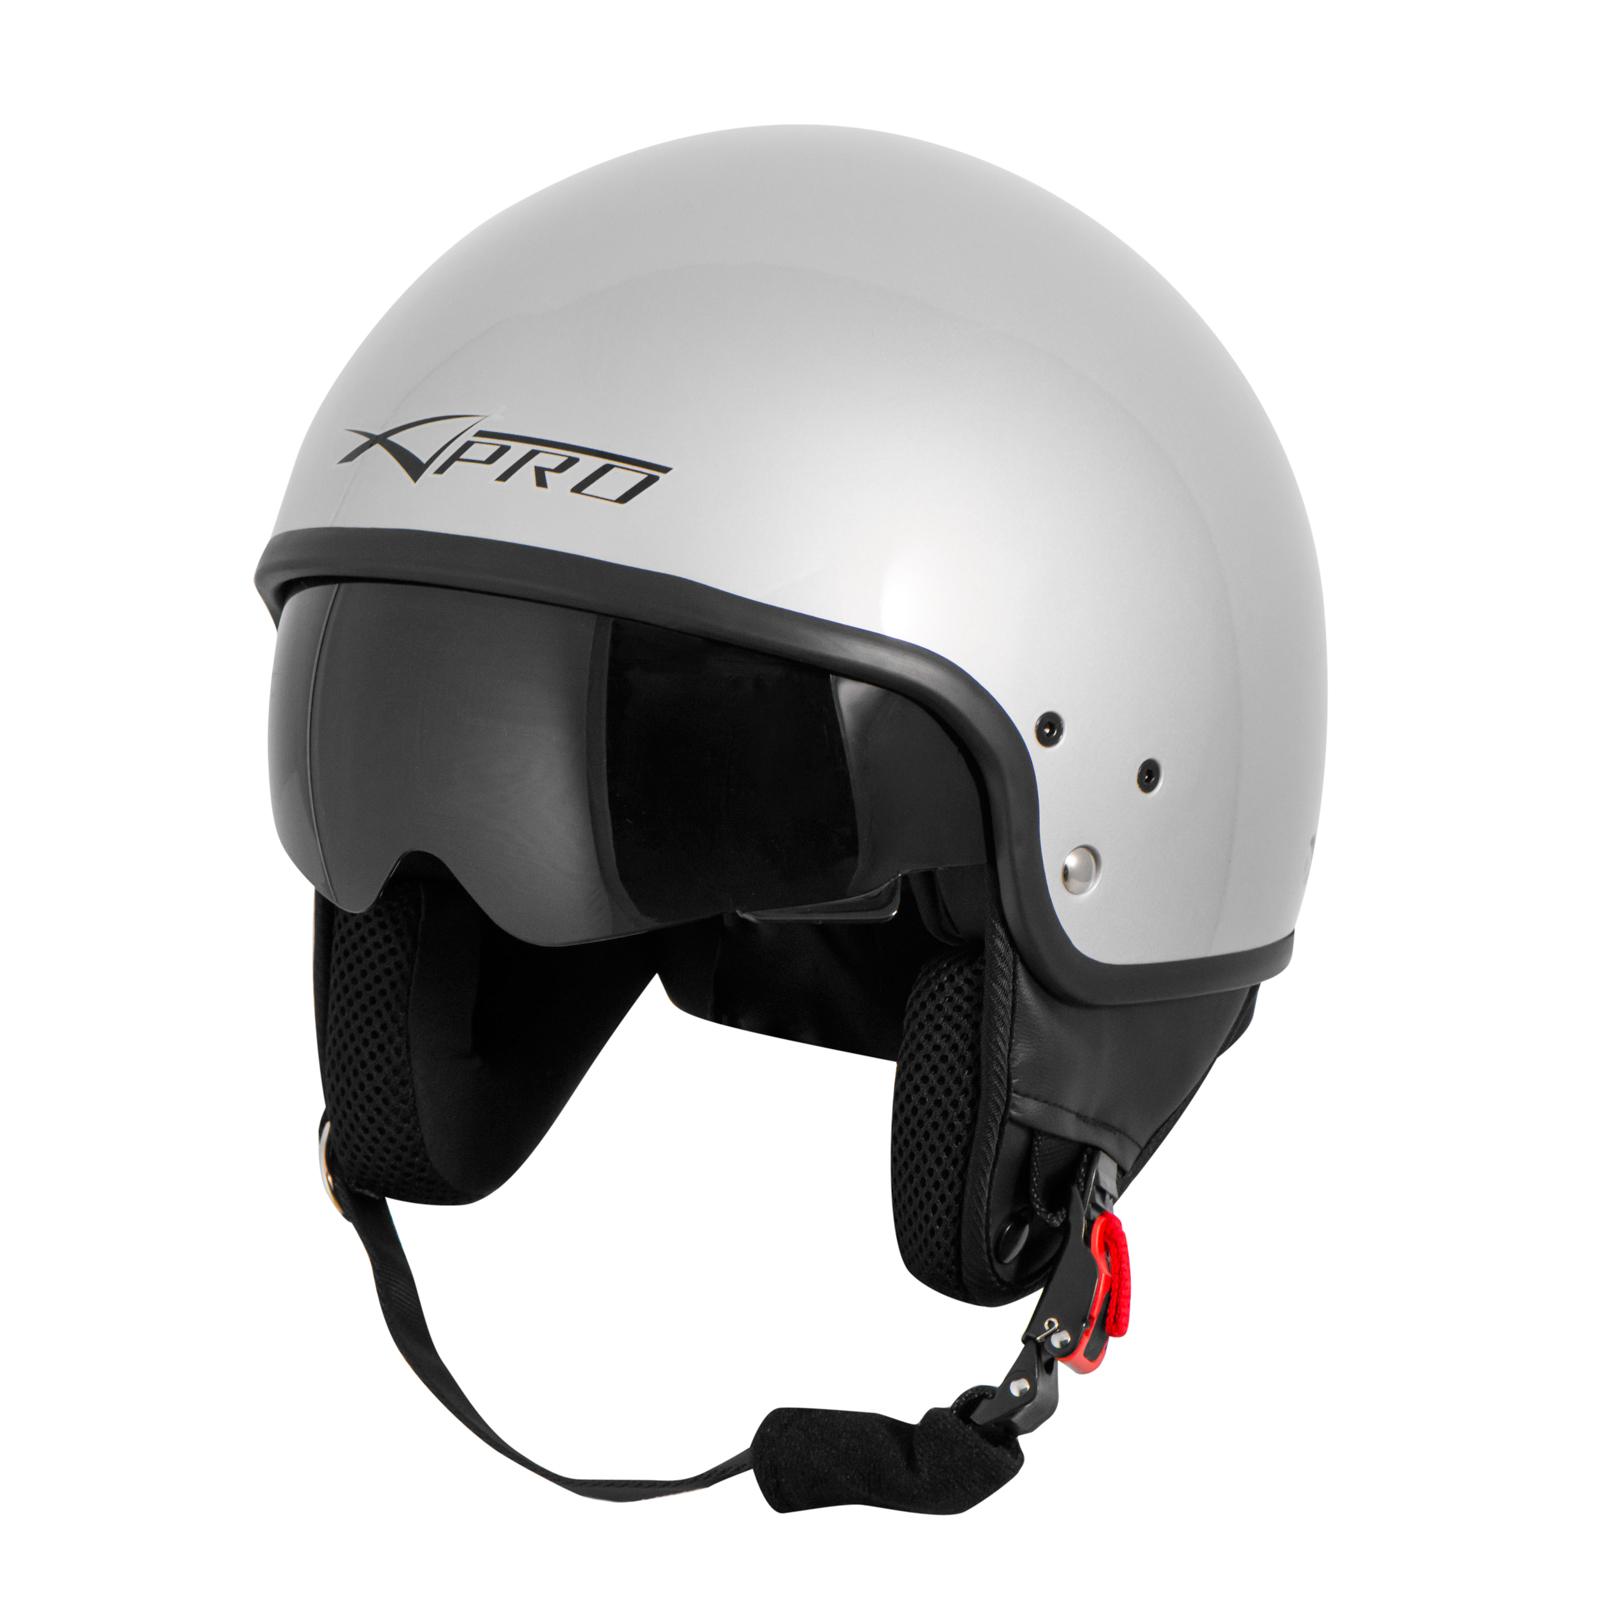 Casque-Moto-Scooter-Vespa-Jet-Visiere-pare-soleil-ECE-22-Blanc-SonicMoto miniature 18